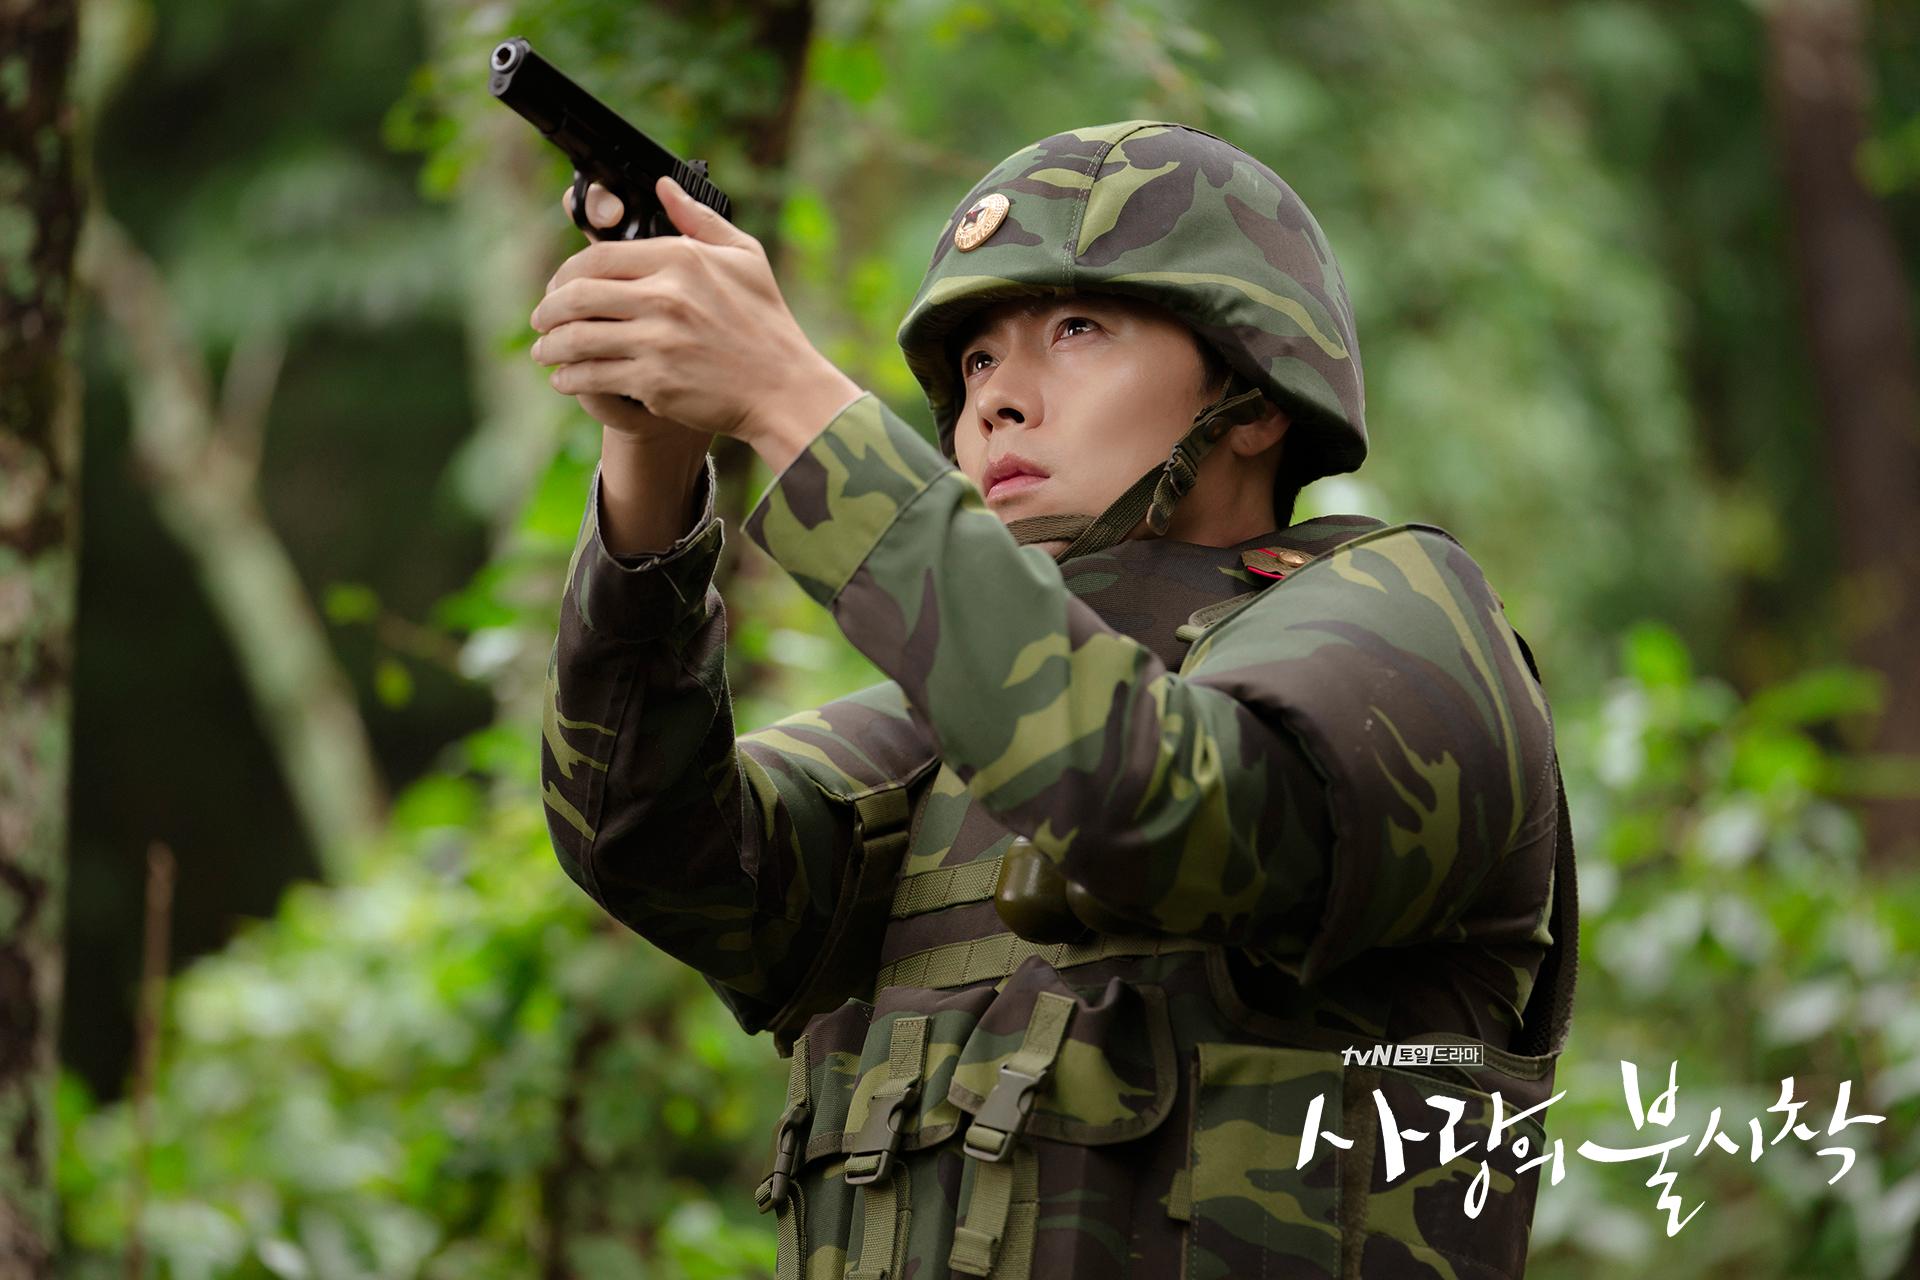 Crash Landing on You Captain Ri Jeong-hyeok pointing his gun at Yoon Se-ri